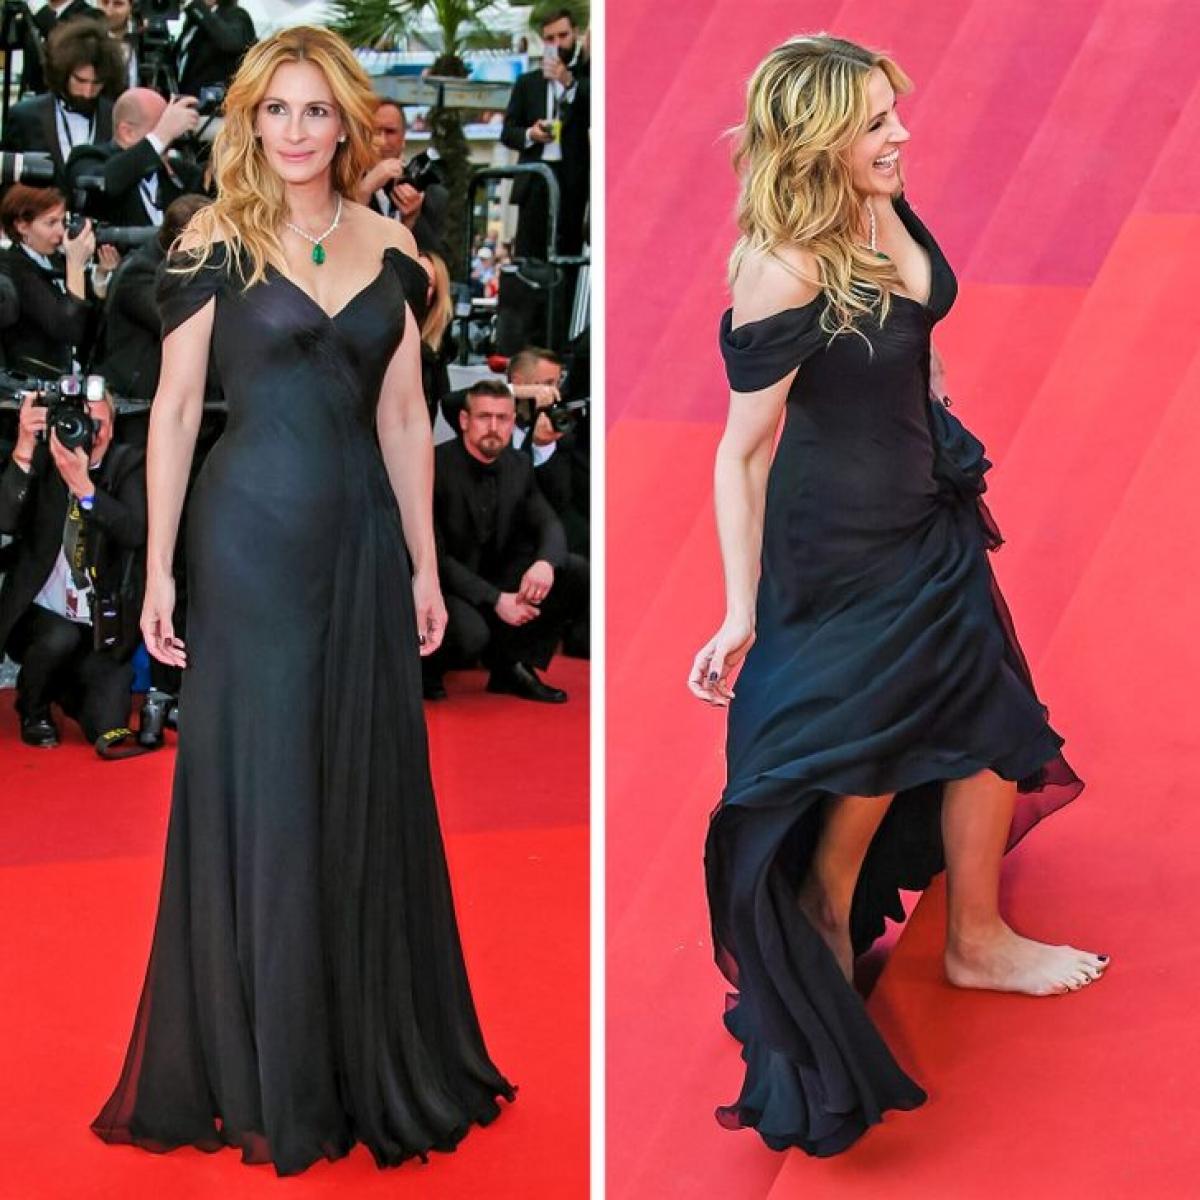 Năm 2016, Julia Roberts đến thảm đỏ Liên hoan phim Cannes với chiếc váy dài che kín chân.Nhưng khi cô ấy bắt đầu đi lên cầu thang, mọi người có thể thấy rằng nữ diễn viên không mang giày.Điều đáng nói là ngay cả những đôi giày bệt cũngkhông được khuyến khích, theo quy định của liên hoan phim.